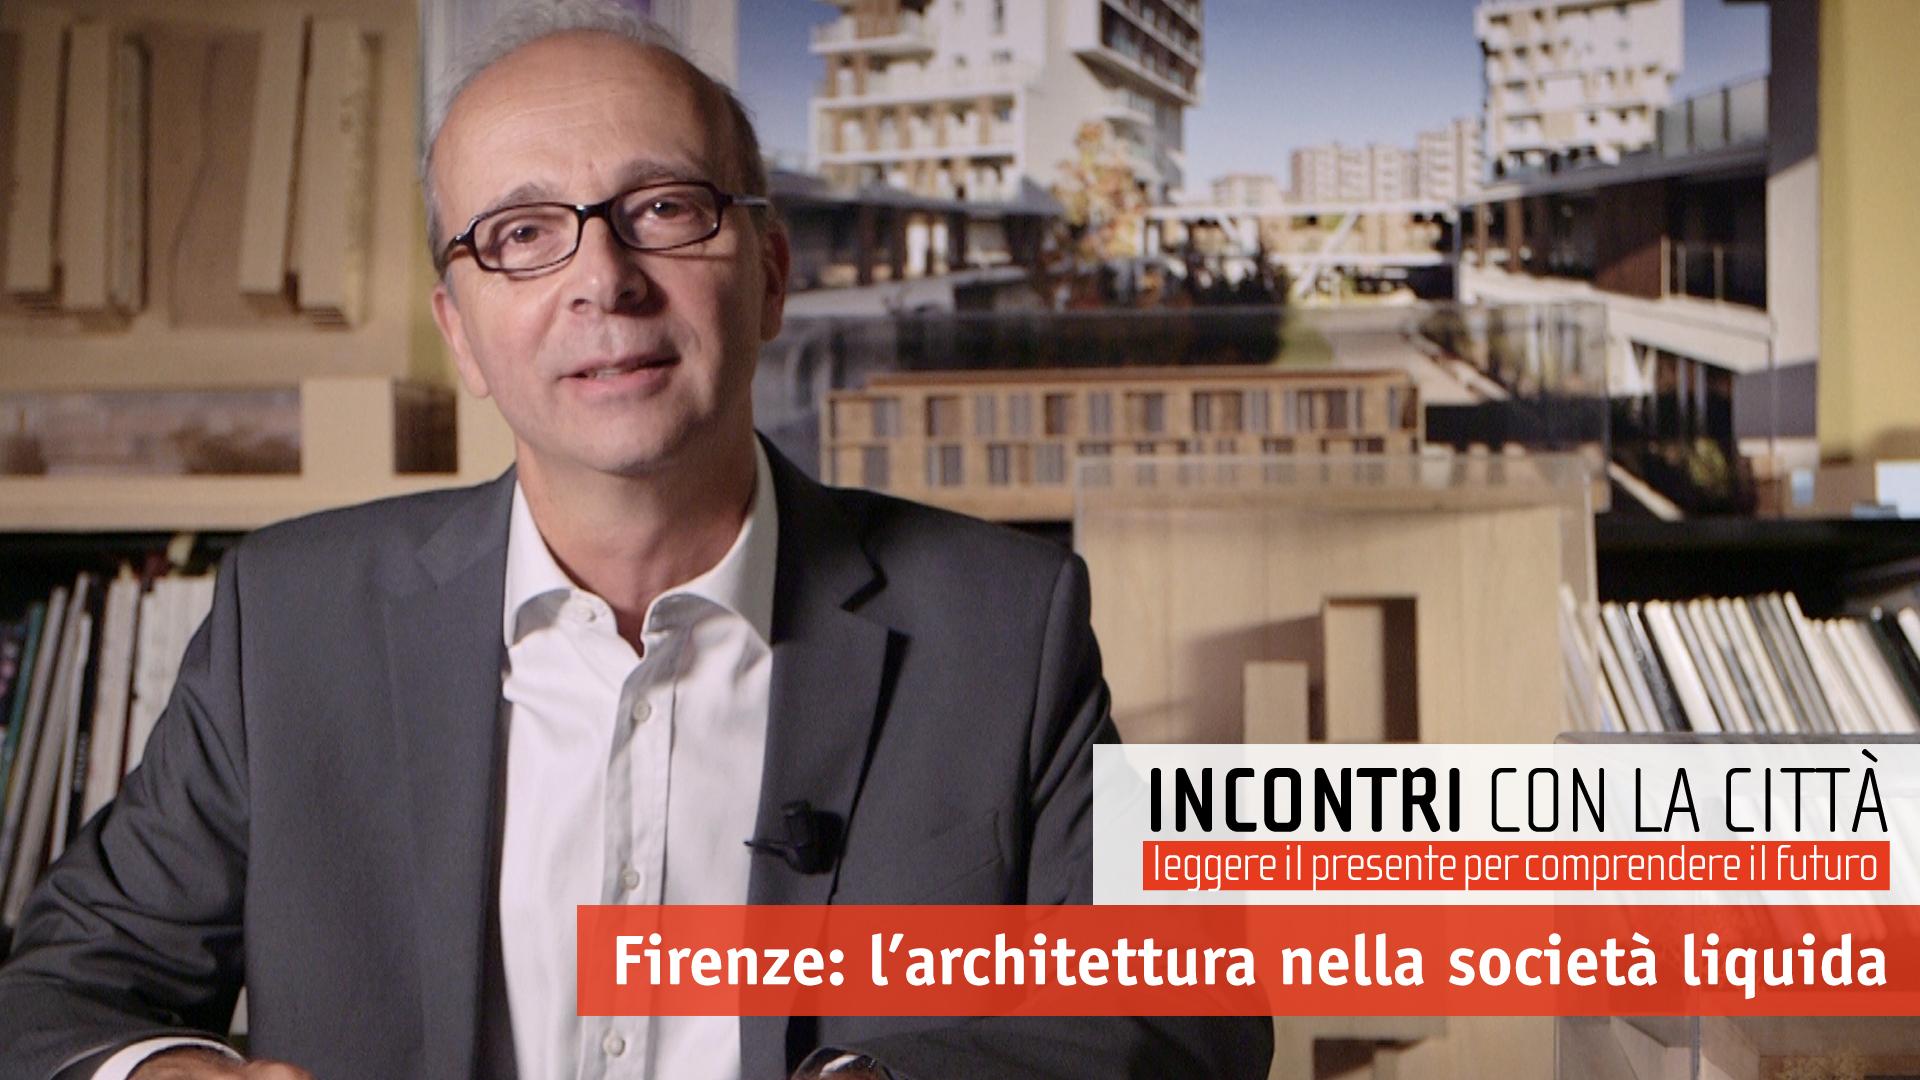 Ufficio Erasmus Unifi Architettura : Incontri con la città edizione  unifi comunica